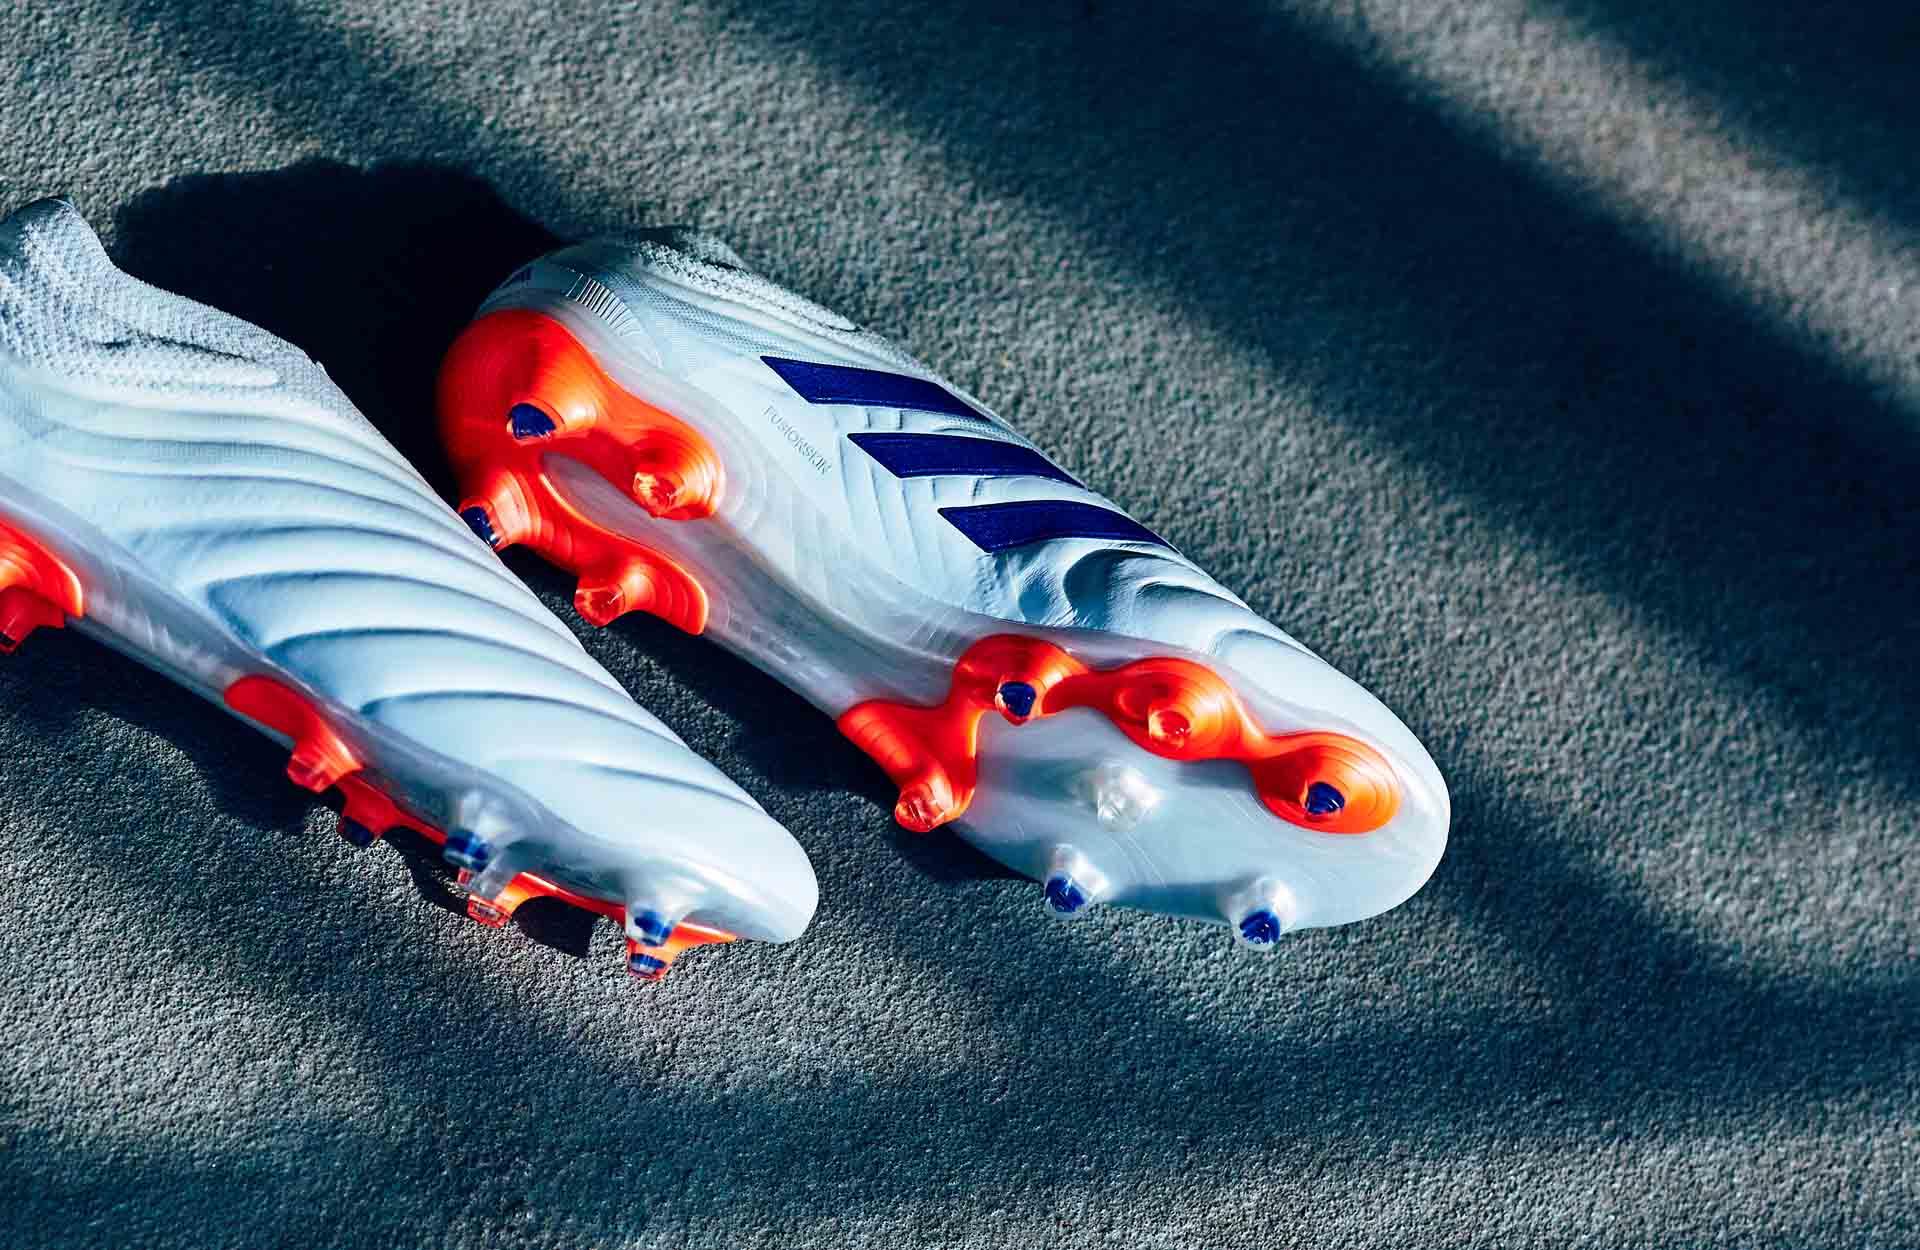 Thiết kế đẹp mắt với những gam màu hài hòa của Adidas Copa Glory Hunter pack